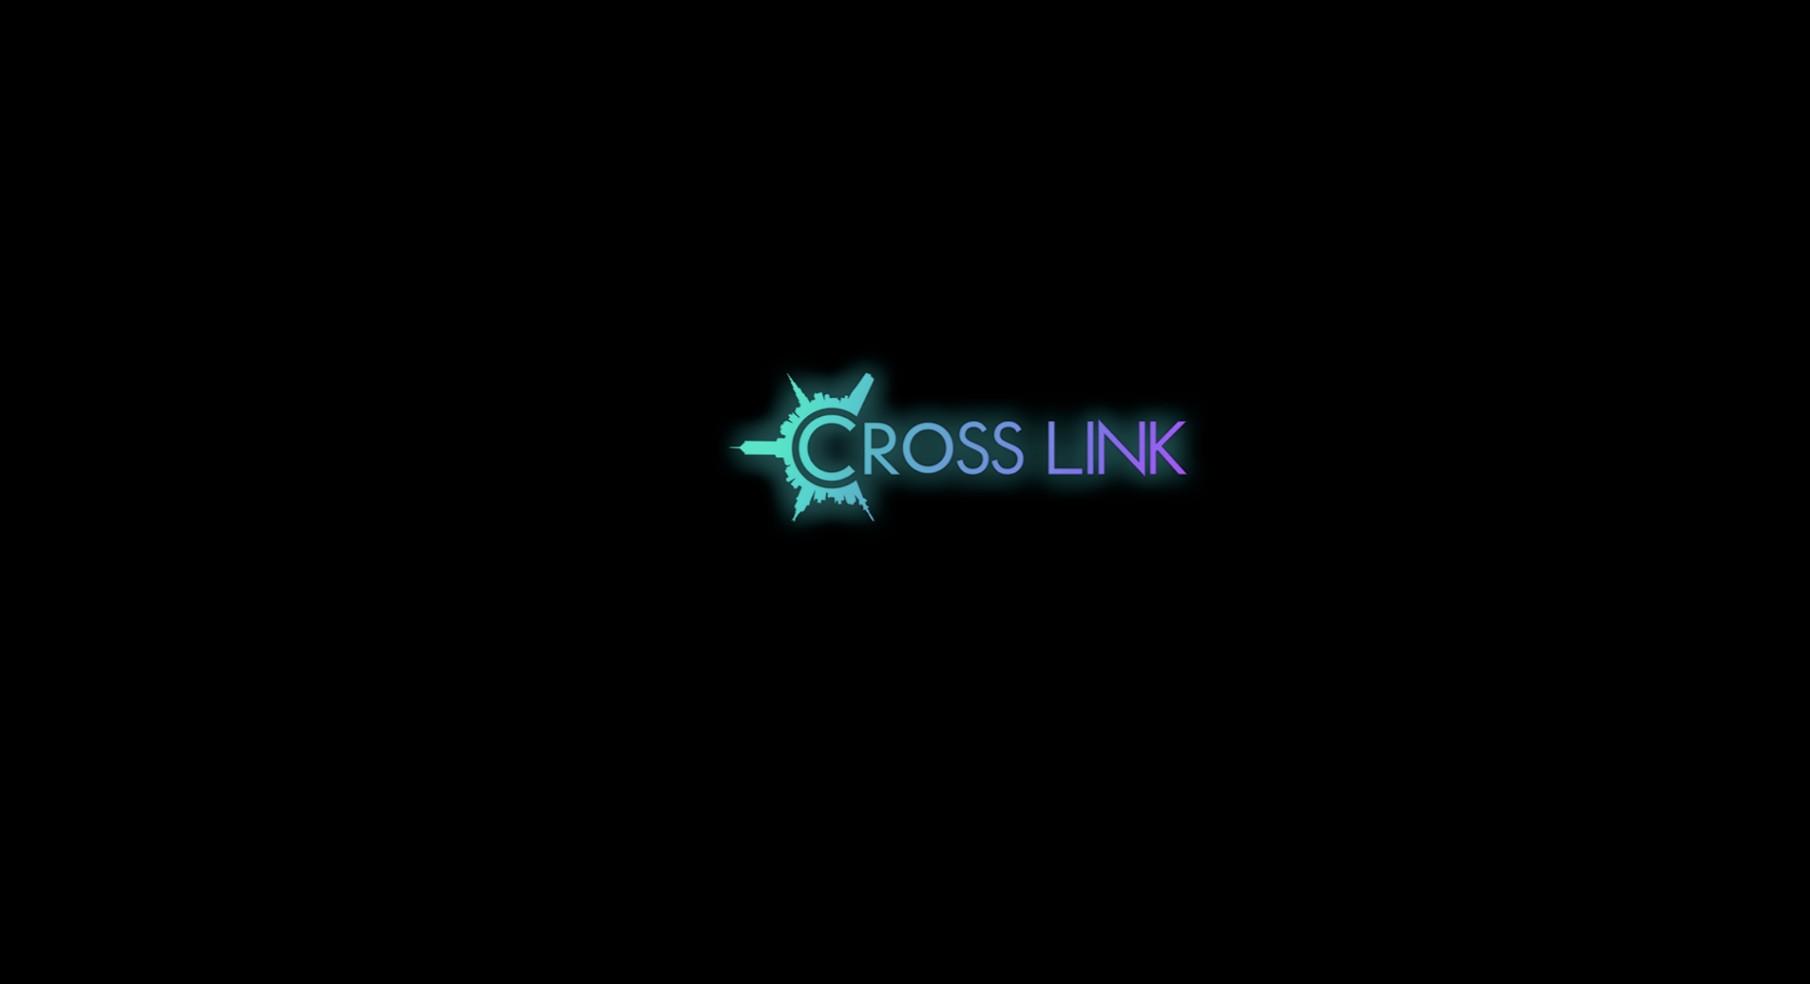 クロス リンク ゲーム